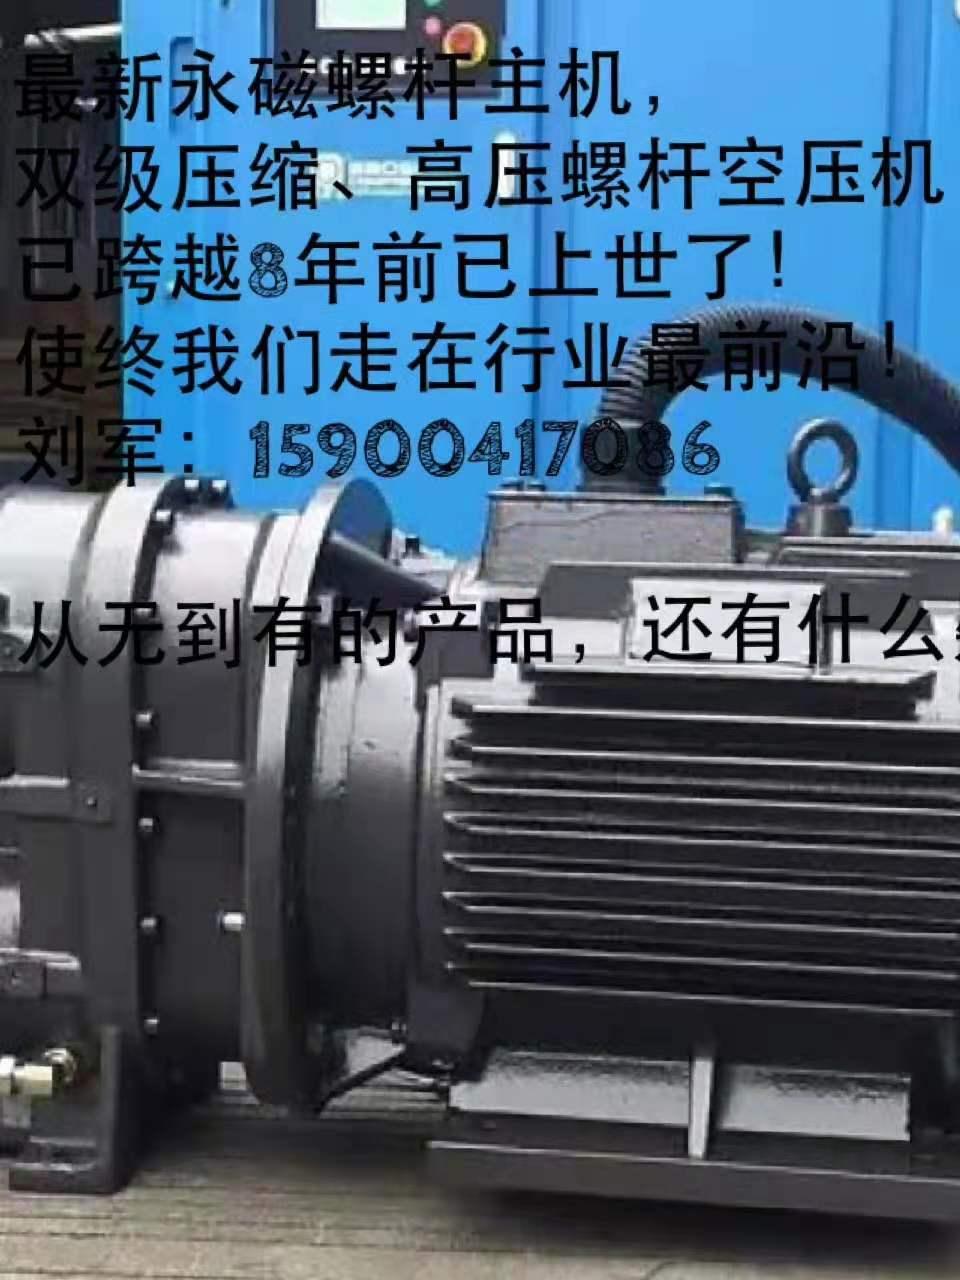 德励螺杆空压机维修保养  刘工15900417086